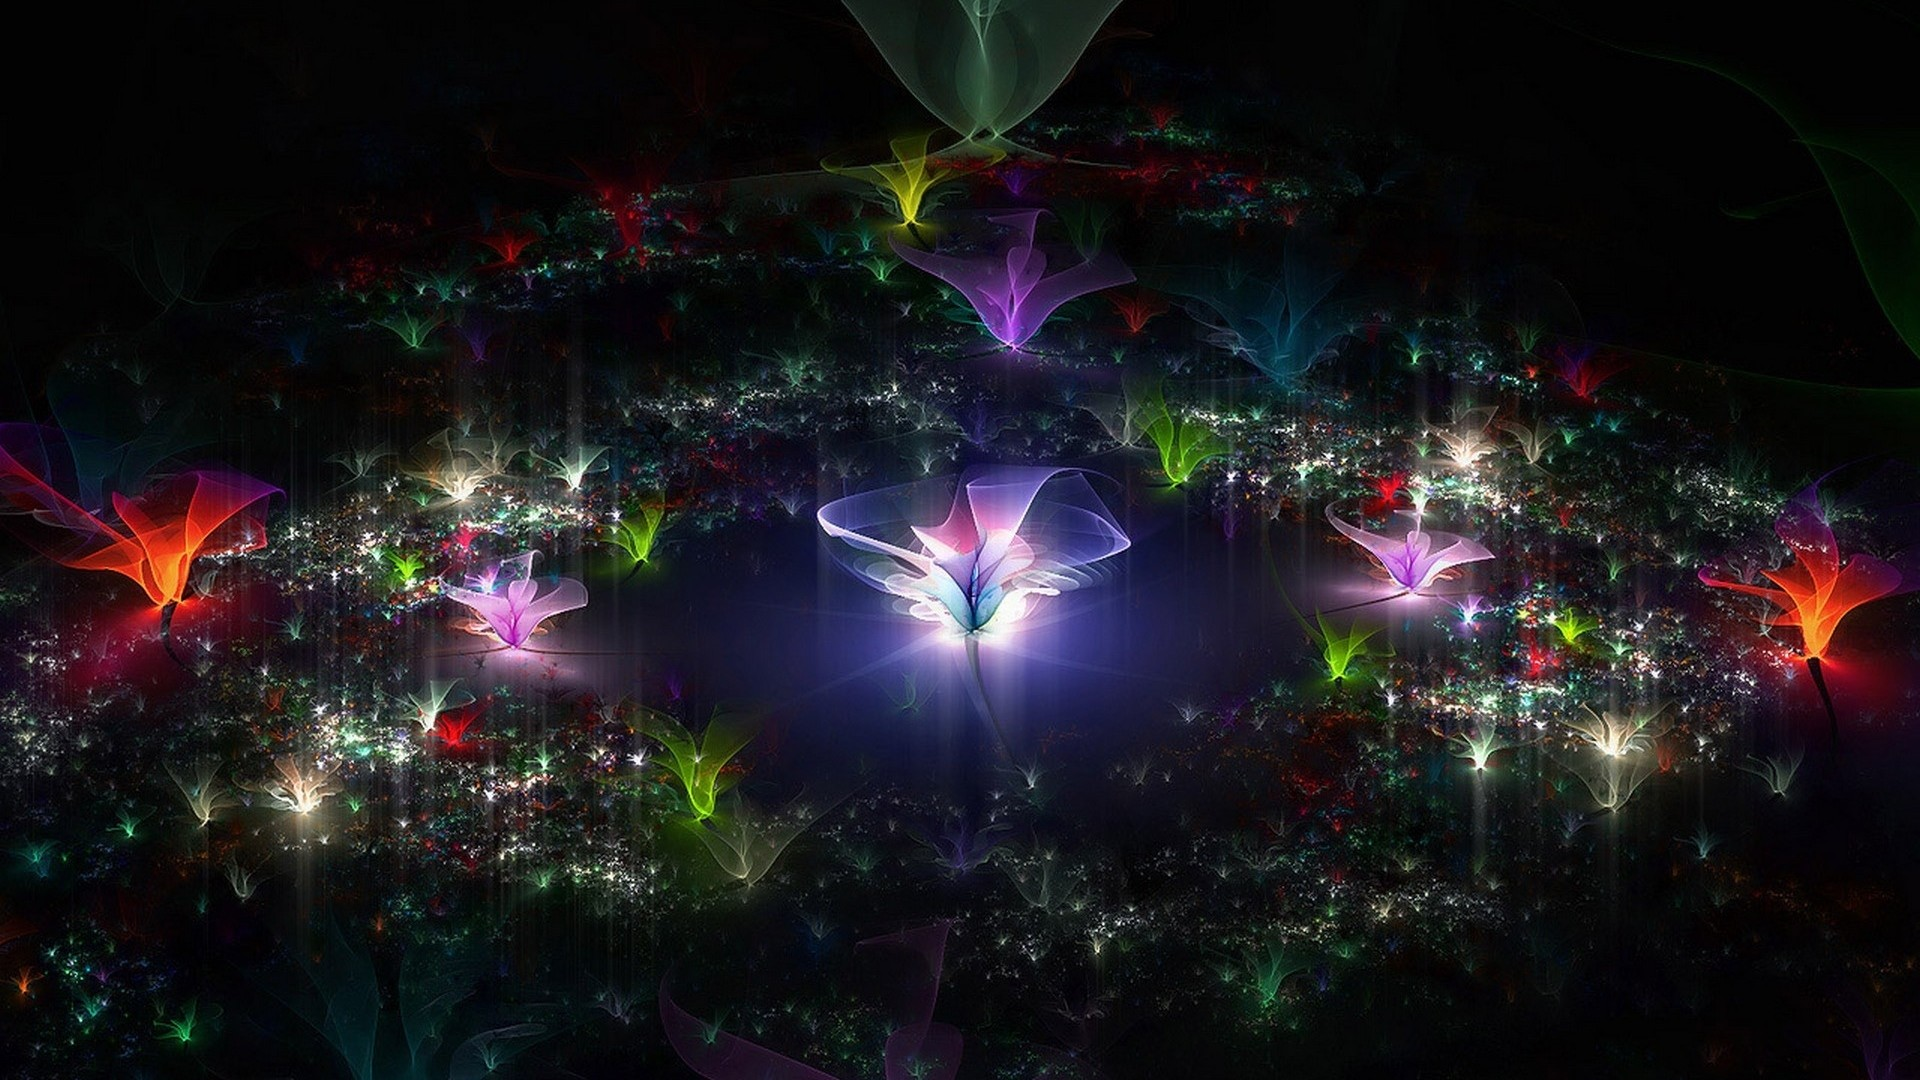 … Background Full HD 1080p. Wallpaper fractal, flying, dark,  background